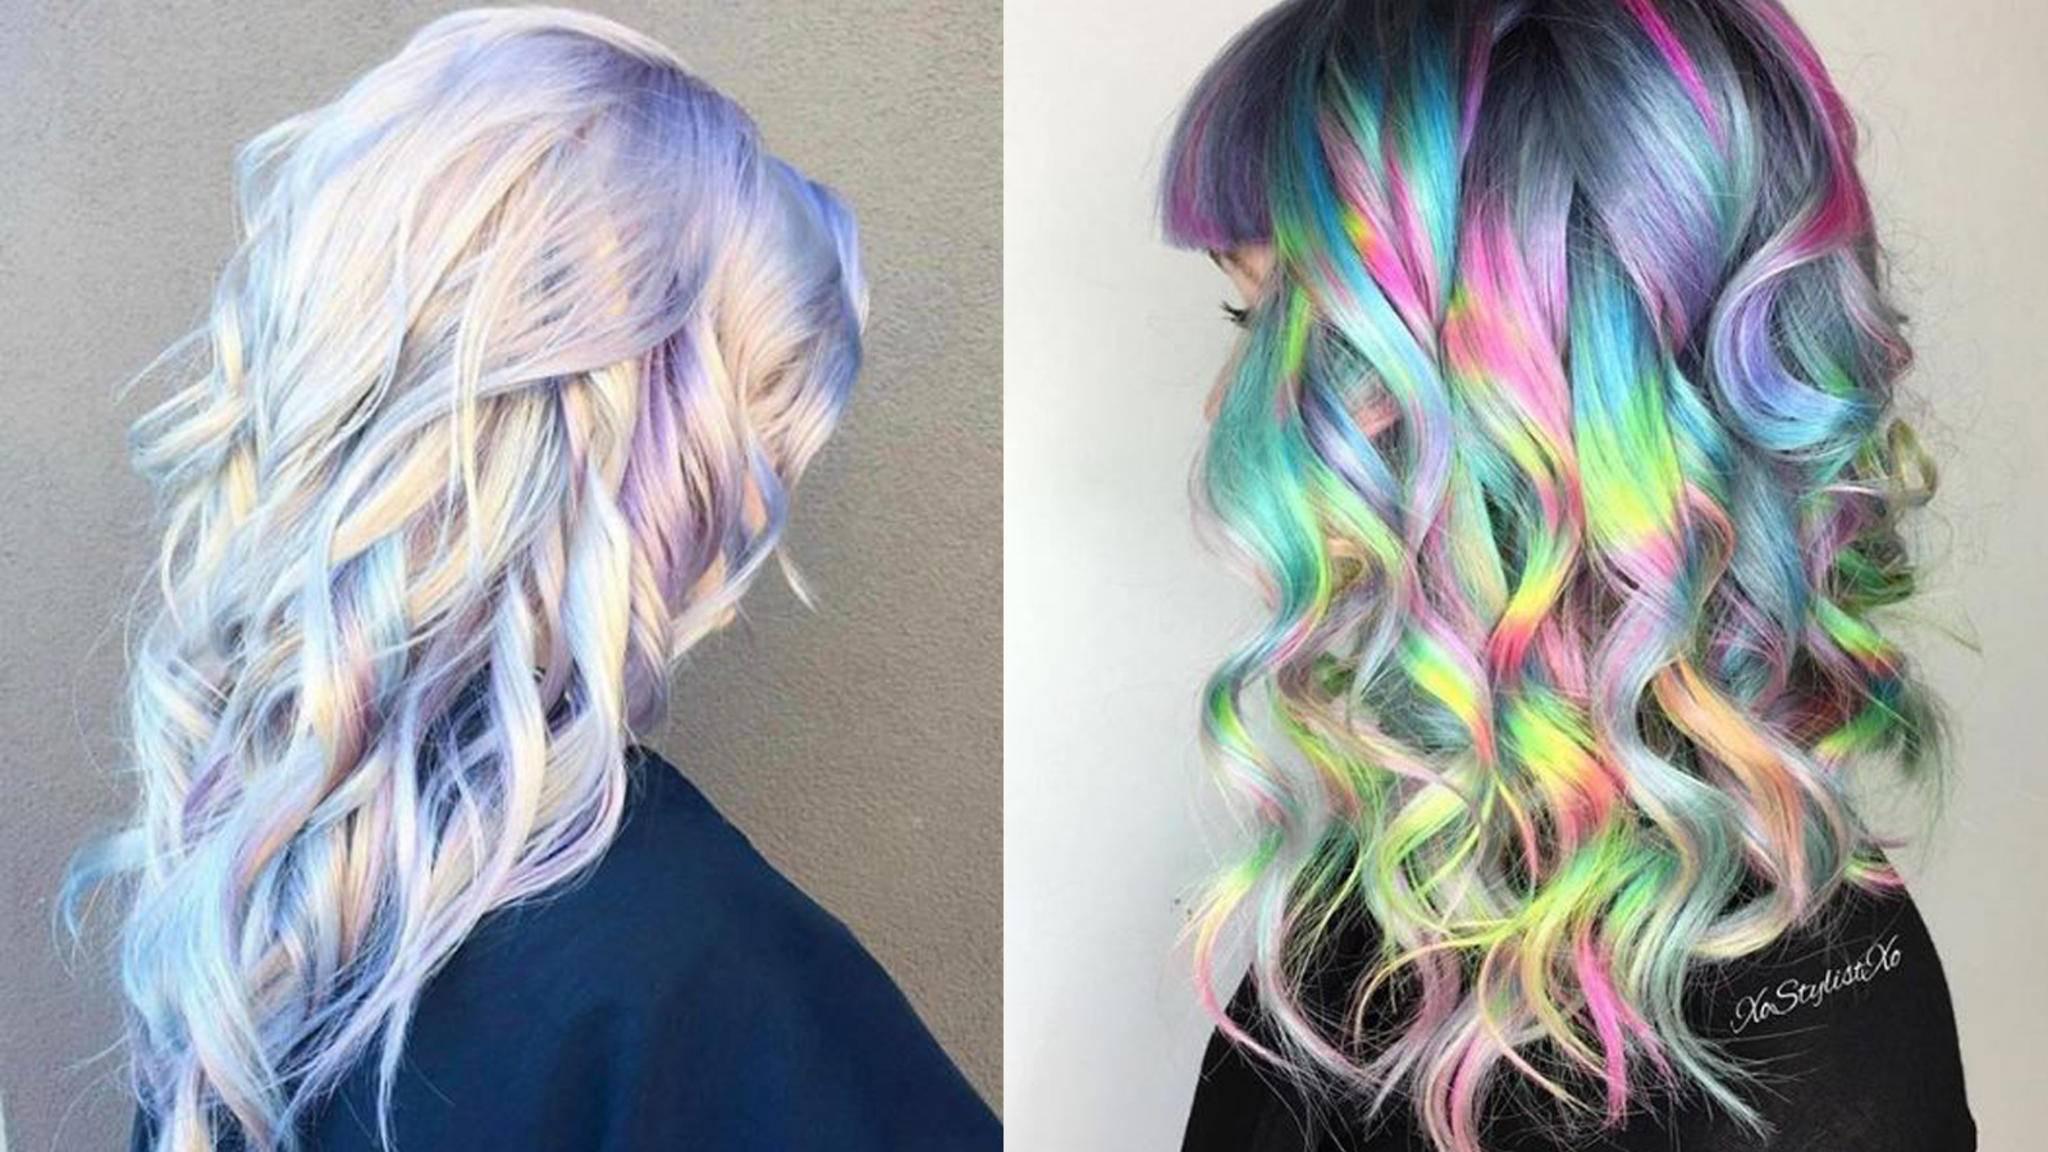 Ob zart oder kräftig eingefärbt – Einhorn-Haare sind definitiv ein echter Hingucker und möglicherweise der Frisuren-Trend 2017.